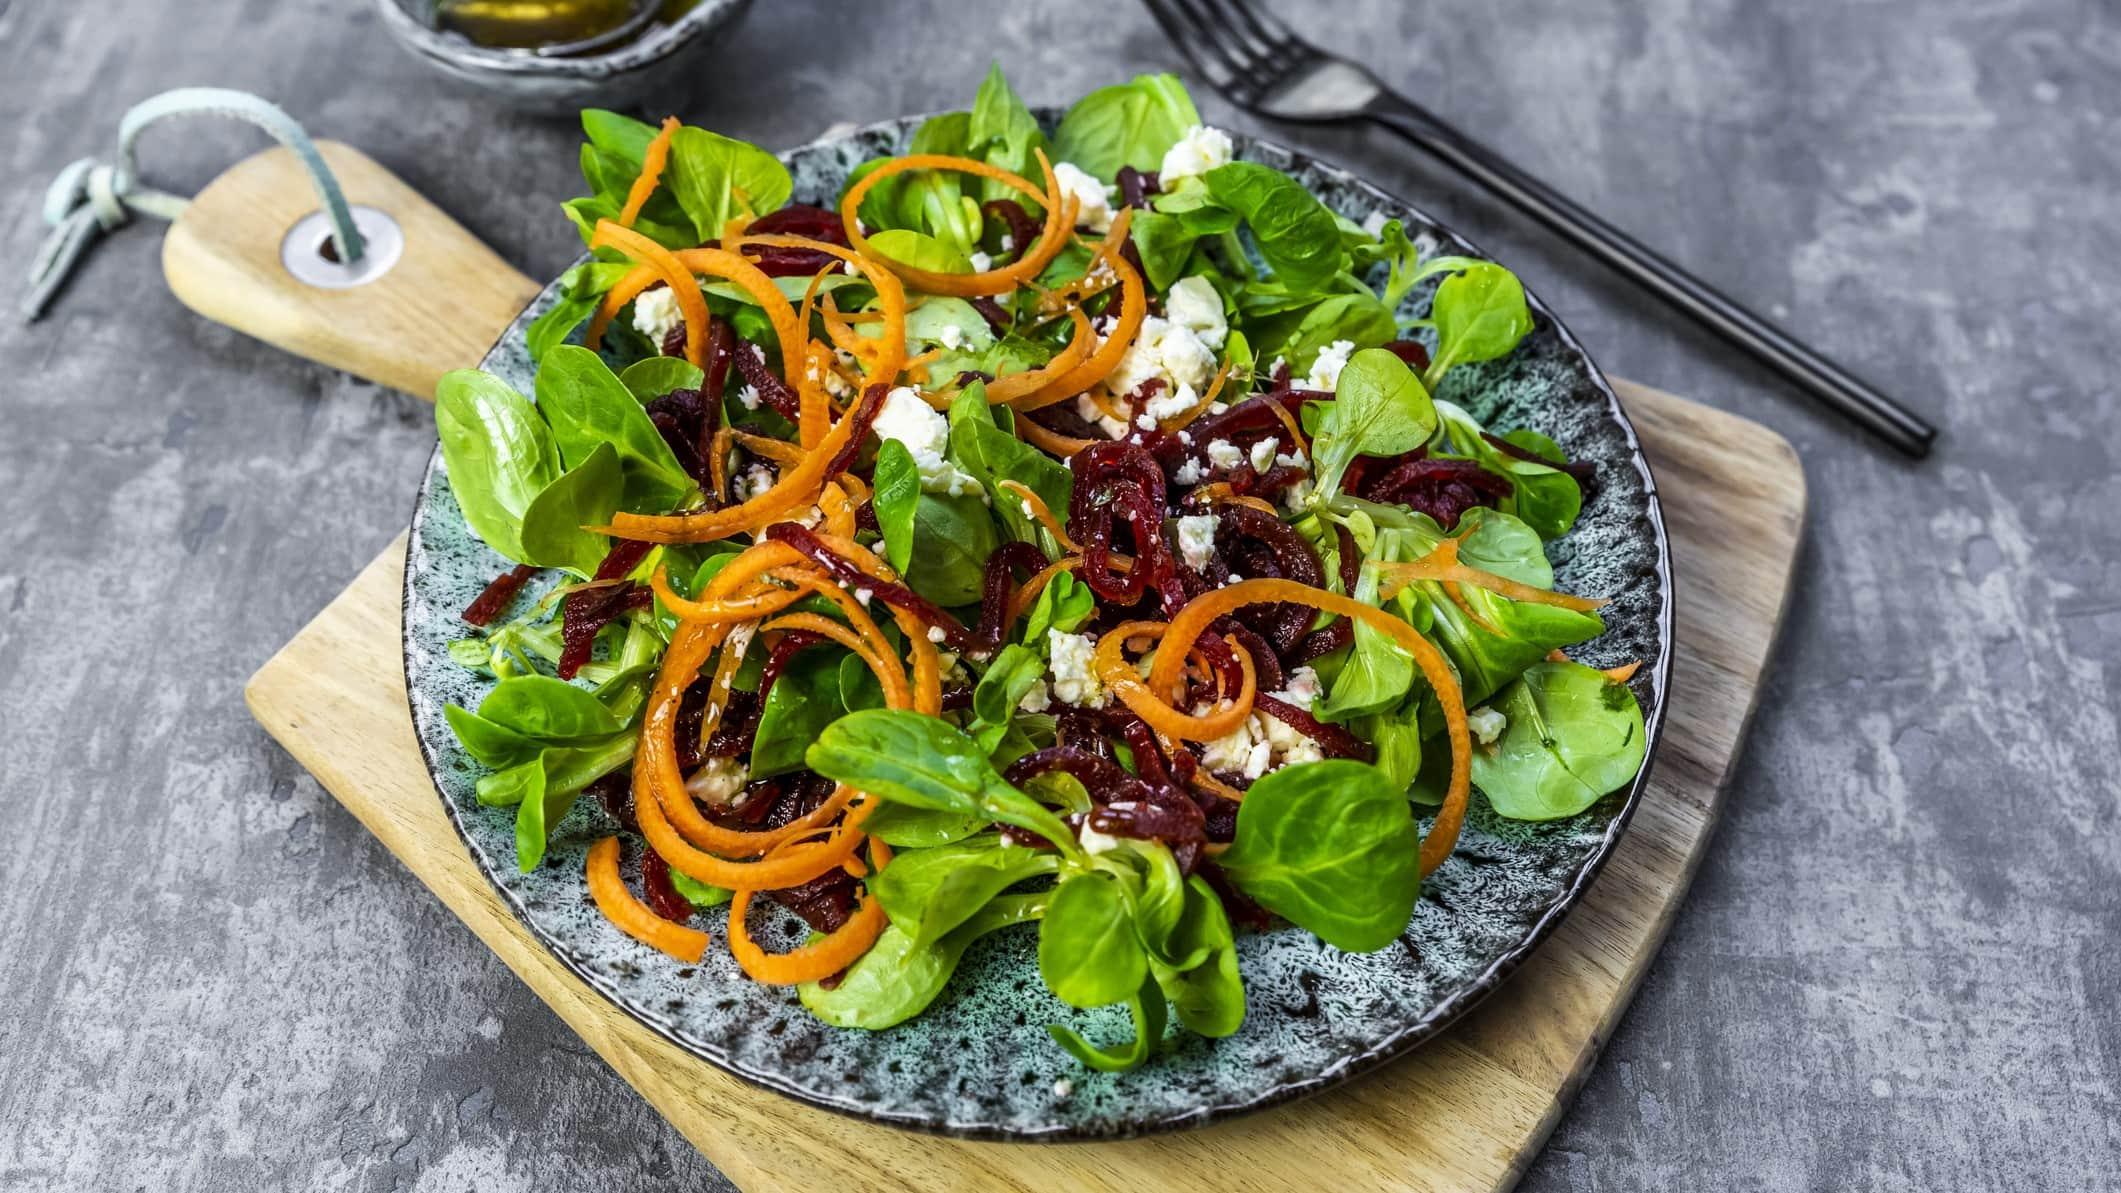 Rote-Bete-Salat mit Feldsalat und Feta auf einem gemusterten Teller. Der Teller steht auf einem Holzbrett. Im Hintergrund liegt eine schwarze Gabel.